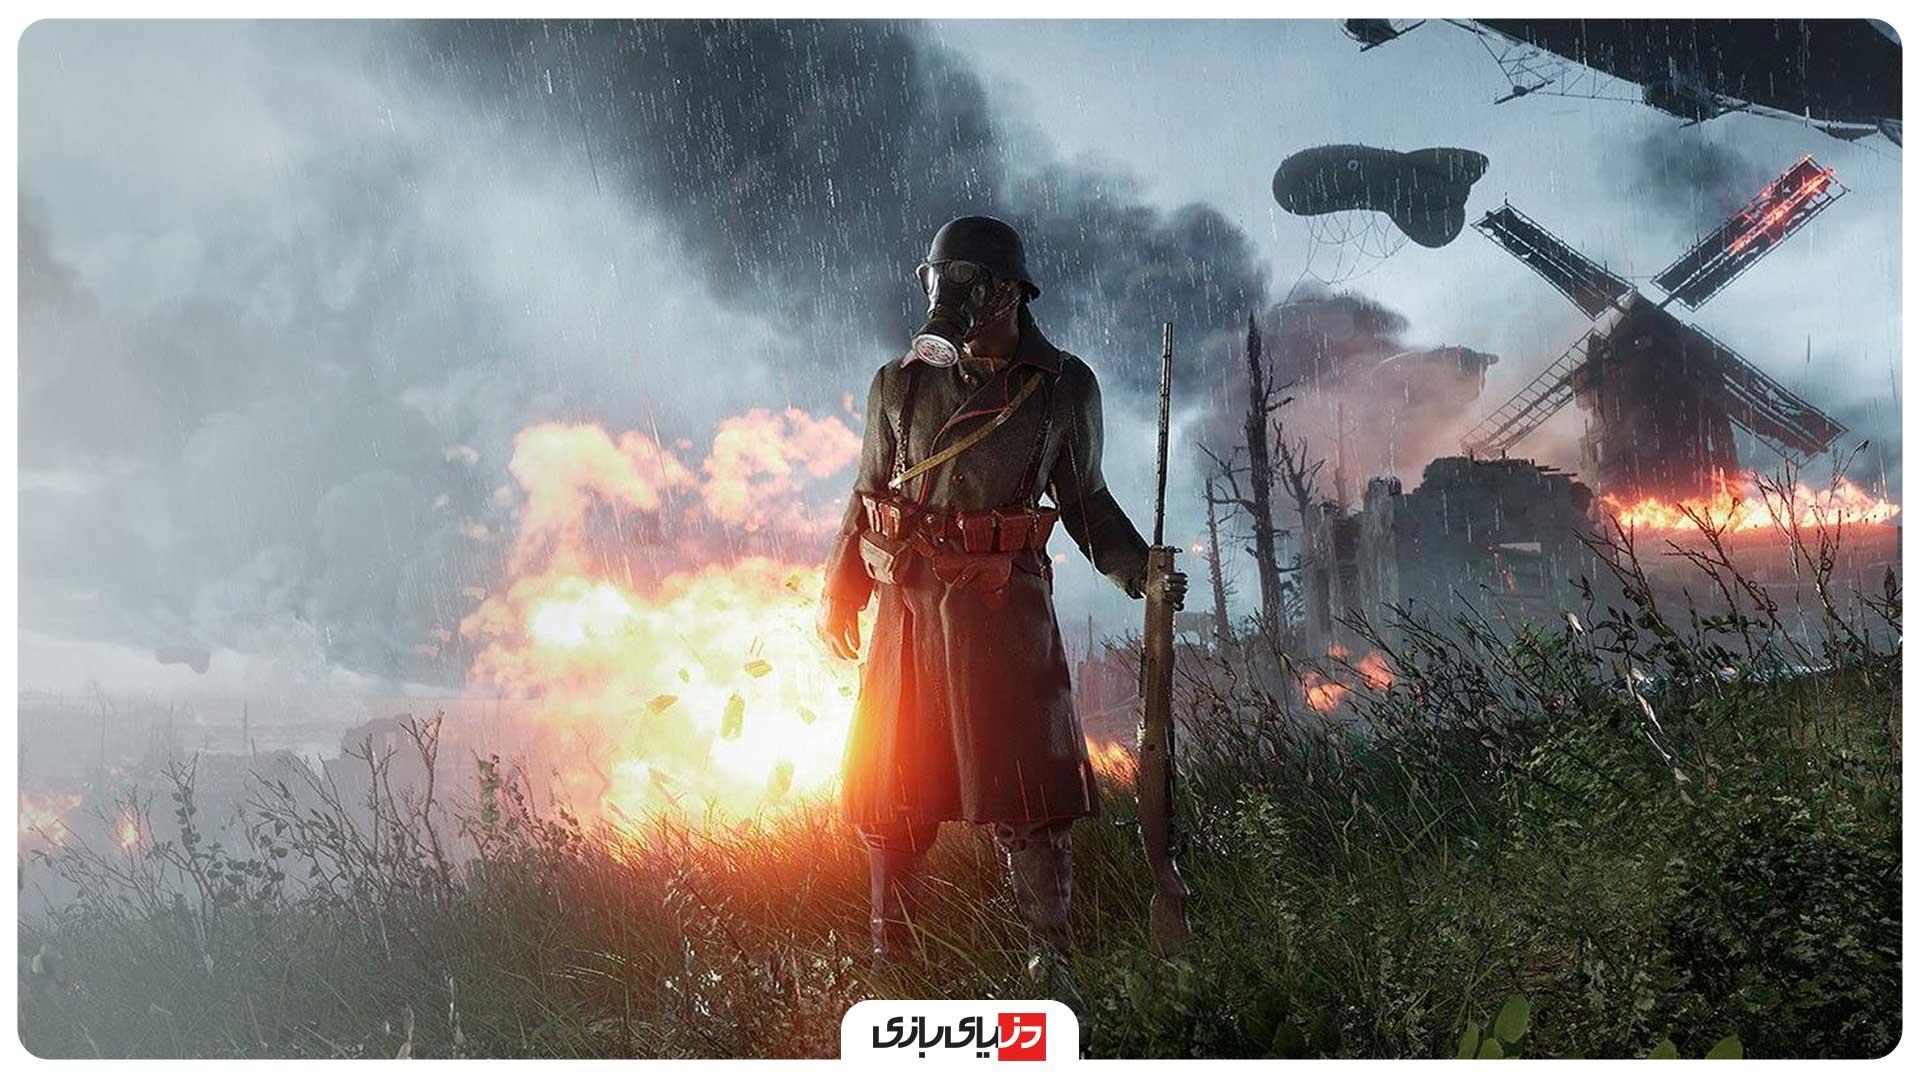 بهترین بازی های جنگی PC